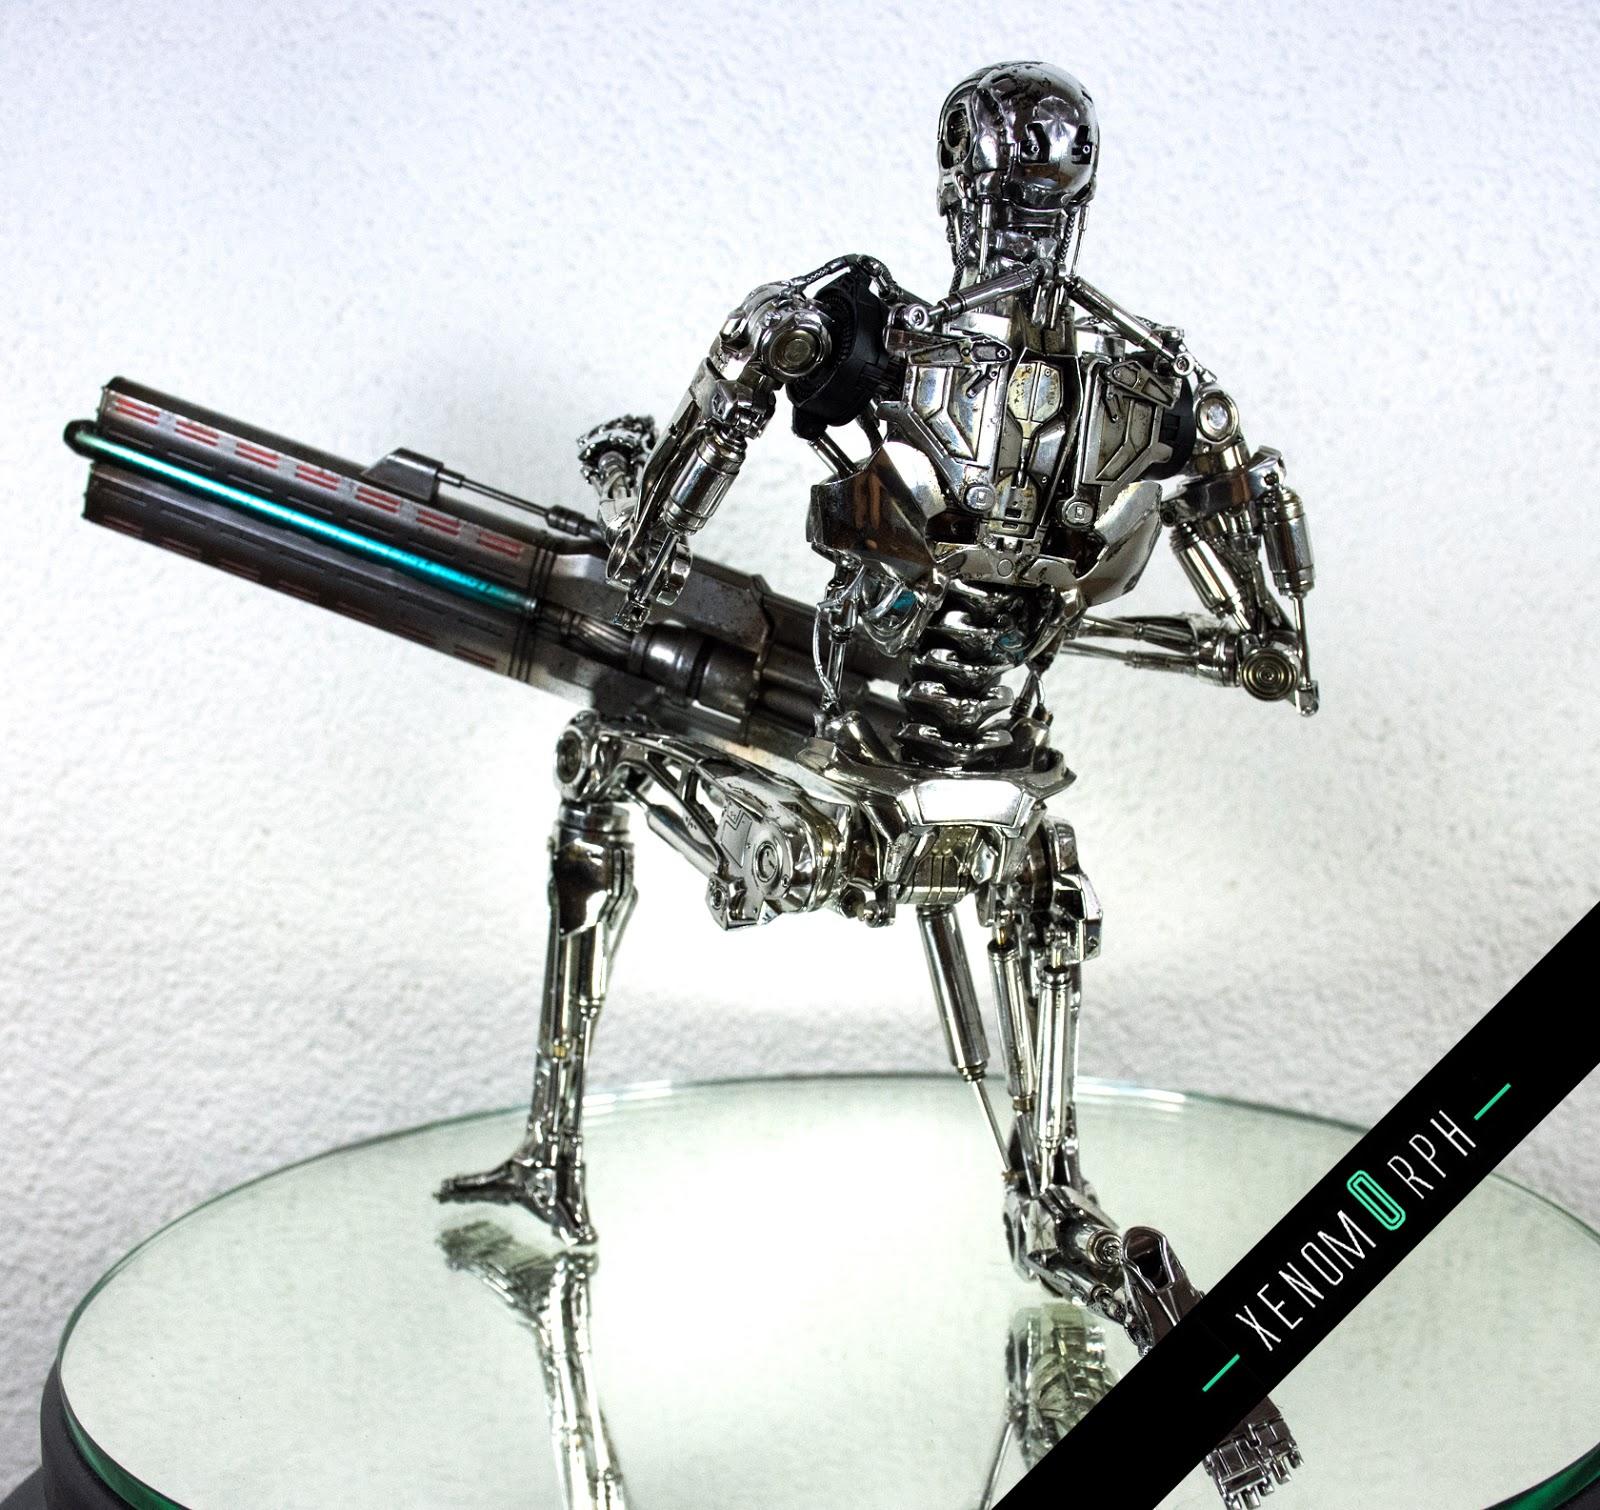 Hot Toys Endoskeleton - Terminator:Genisys MMS352 1/6 ...